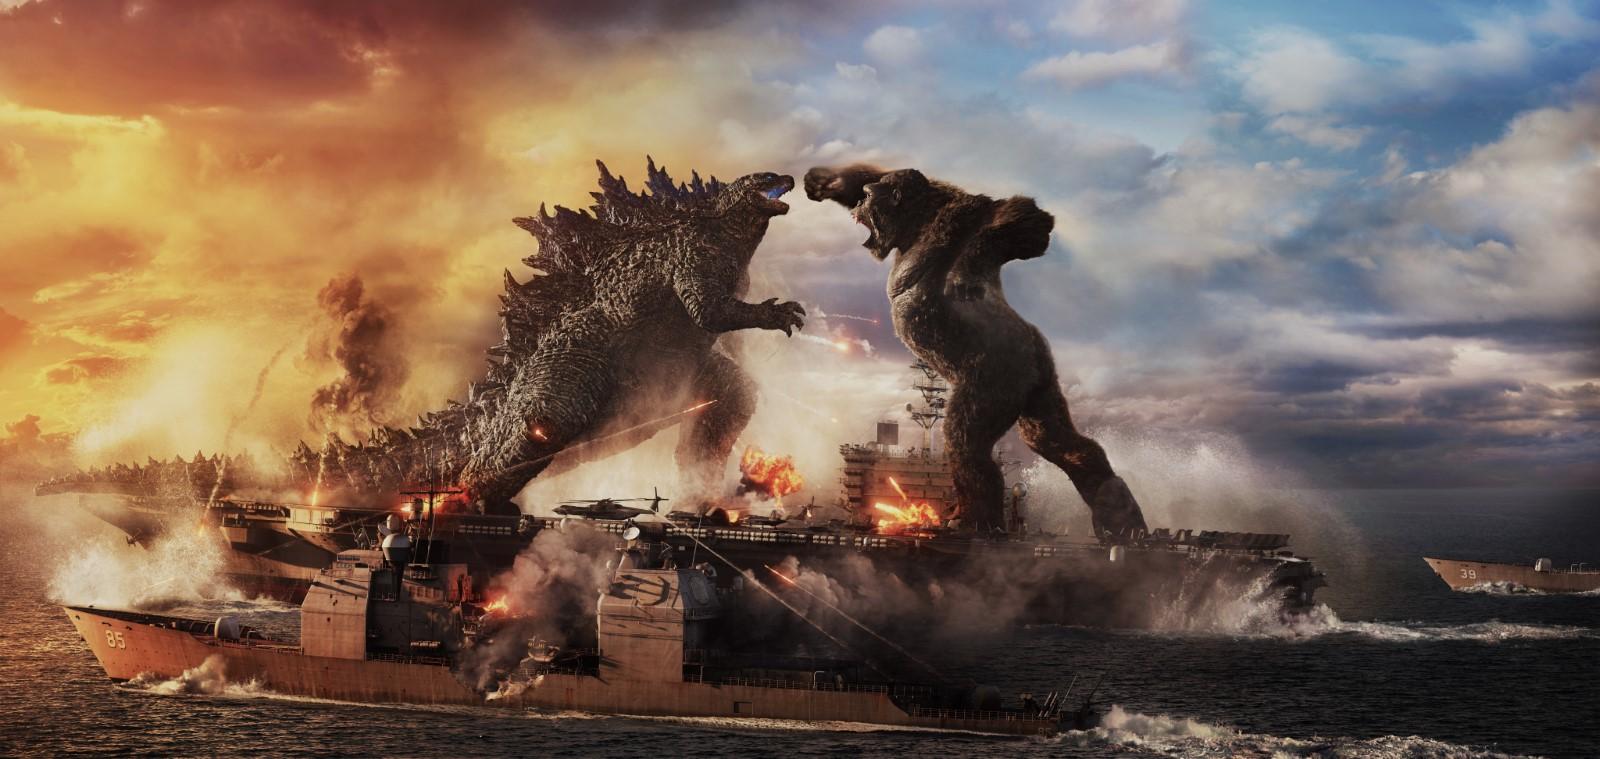 Cena do filme Godzilla vs. Kong. A imagem é retangular e a região central é dividida entre duas figuras que estão frente a frente. Na região central esquerda, tem o Godzilla, um lagarto gigante e bípede, sua boca está aberta e de dentro dela sai um brilho azul. Nas suas costas há protuberâncias em formato triangular e espinhoso, elas se estendem da base da sua nuca até a ponta da sua cauda. Na região central direita, tem o Kong, um gorila gigante e bípede, sua pelagem é preta e cobre todo o corpo, com exceção das mãos, barriga, tórax, pés e rosto. Sua boca está aberta na intenção de dar um grito. Seu punho direito também está levantado e está pronto para desferir um soco no rosto de Godzilla. Ambas as figuras estão em cima de um grande navio porta aviões, que está no mar. No canto inferior da imagem pode-se observar o mar e há navios na região central, o qual possui canhões e está disparando contra o Godzilla. O fundo é dividido também, na parte esquerda o fundo é o céu alaranjado e com bastante fumaça, na parte direita, o fundo é o céu azul e com nuvens.